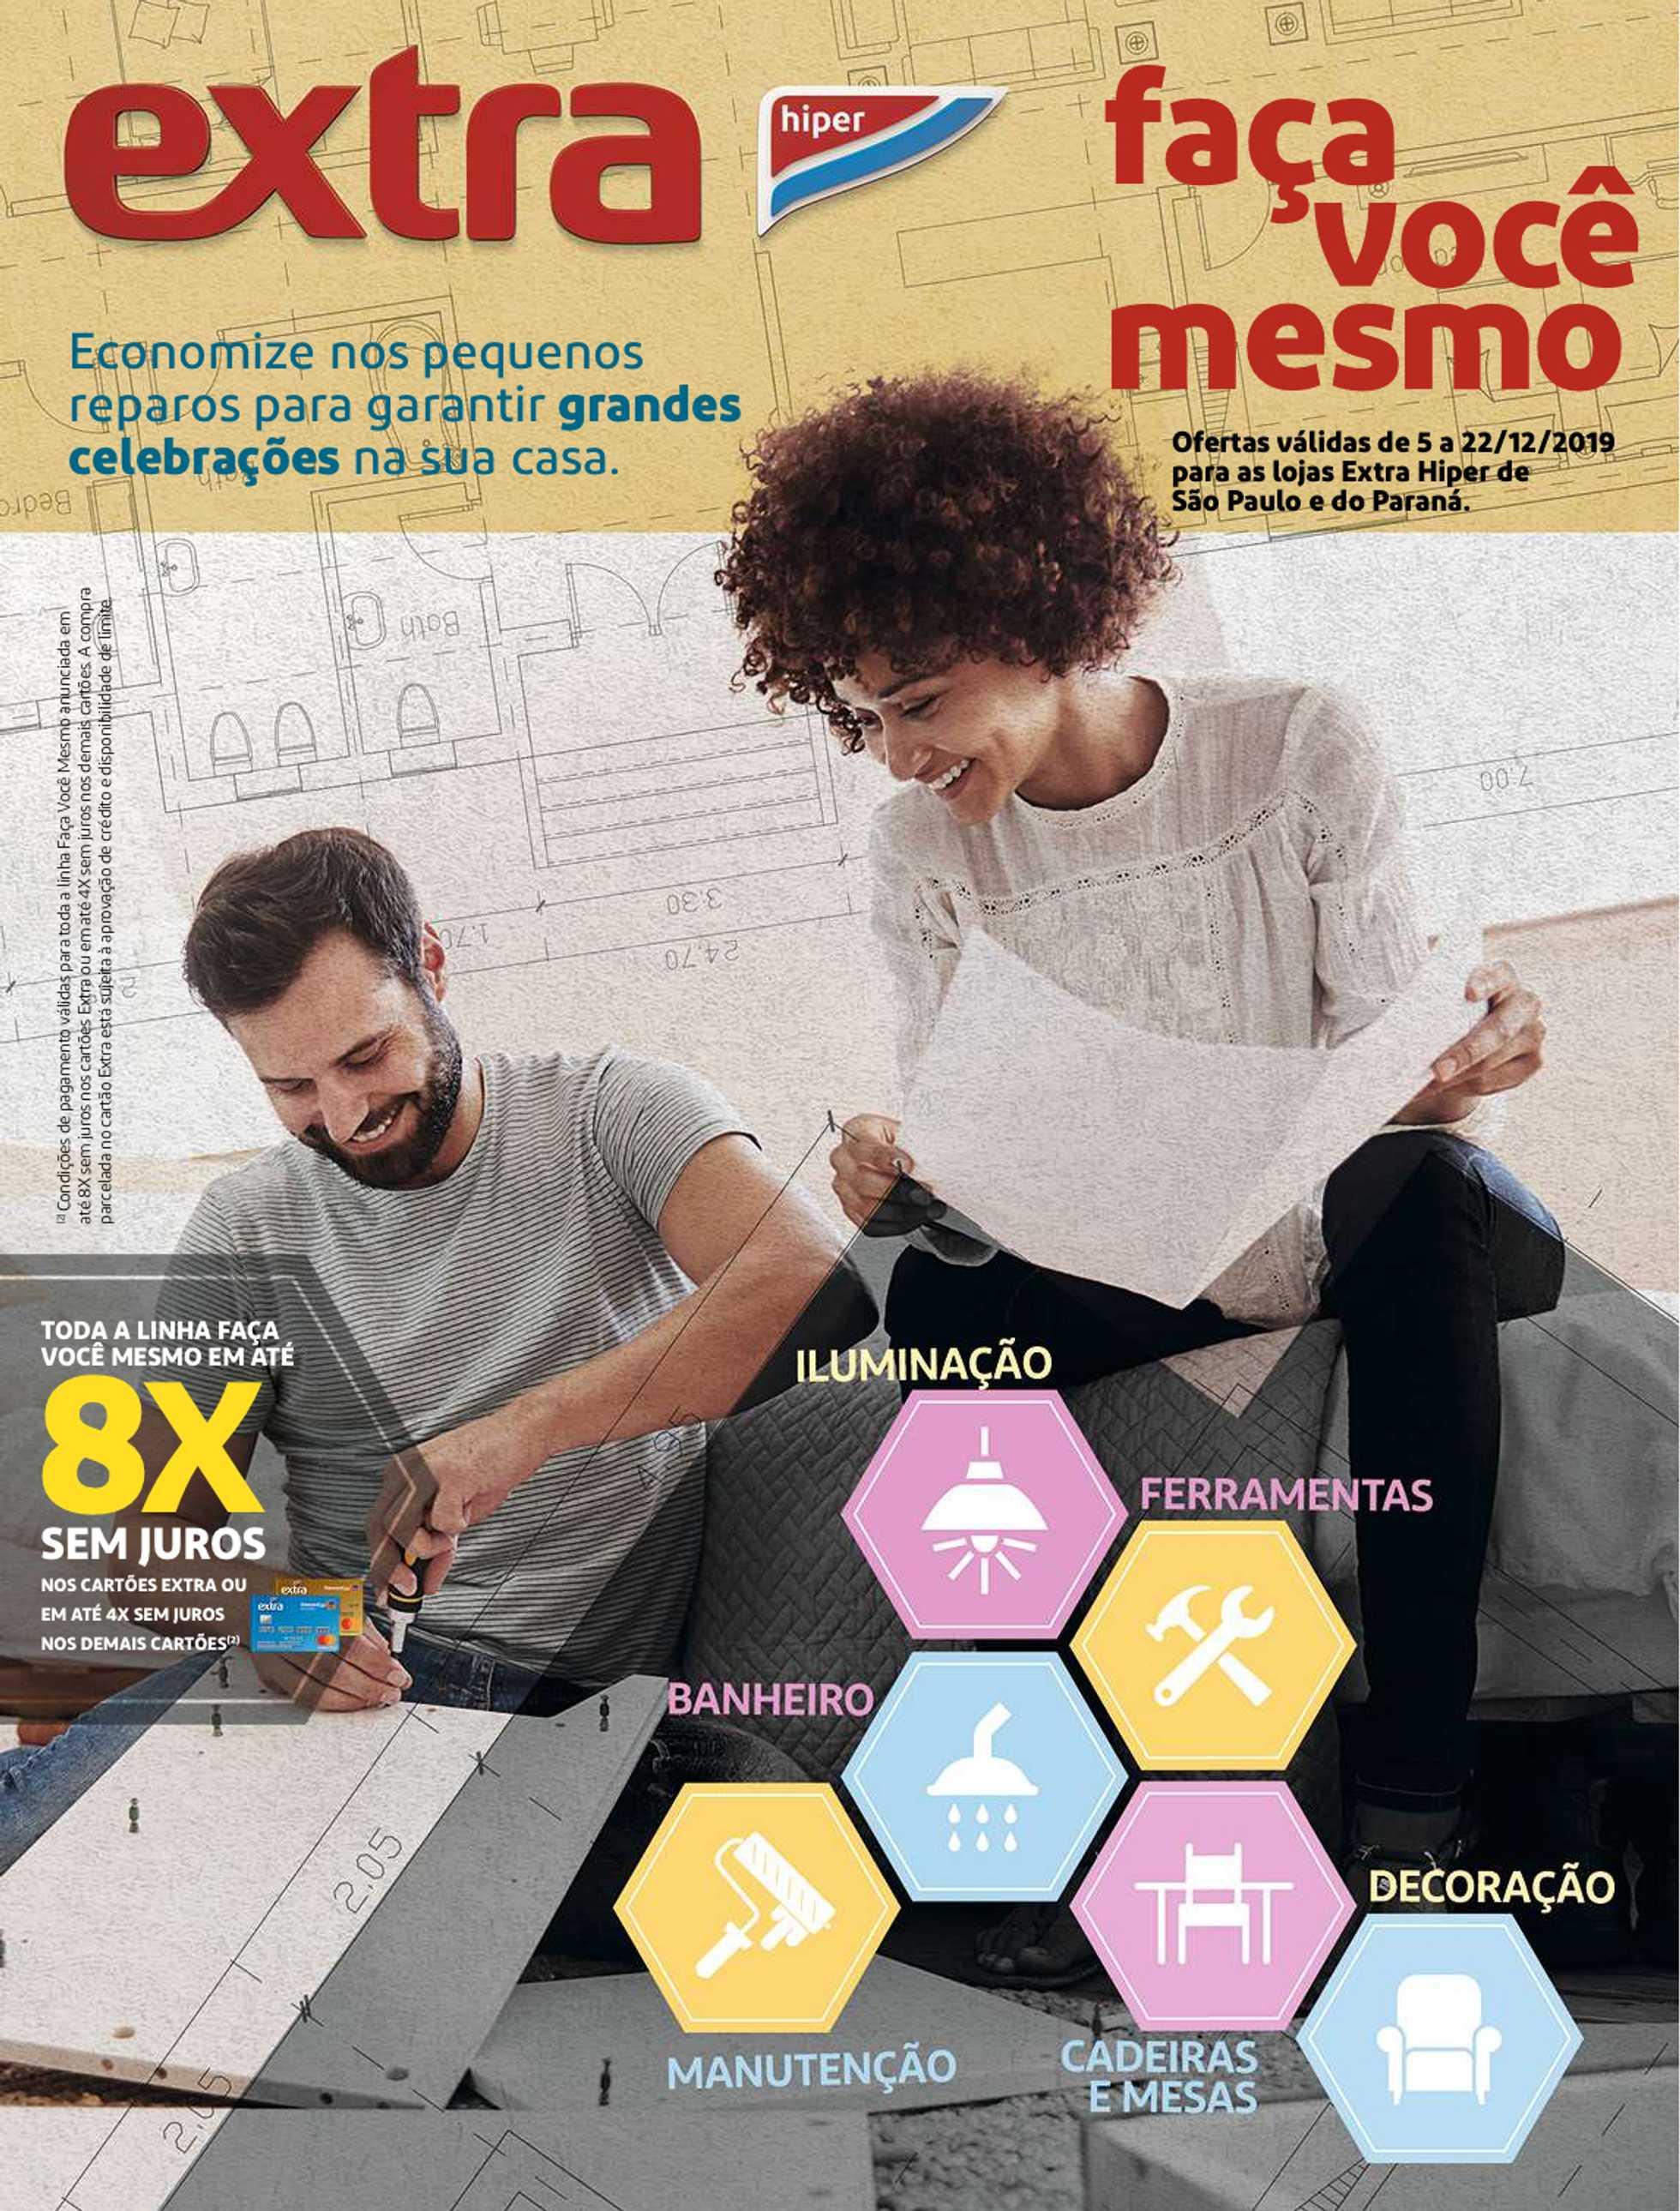 Extra Hipermercado - promo a partir de 05.12.2019 a 22.12.2019 - página 1.